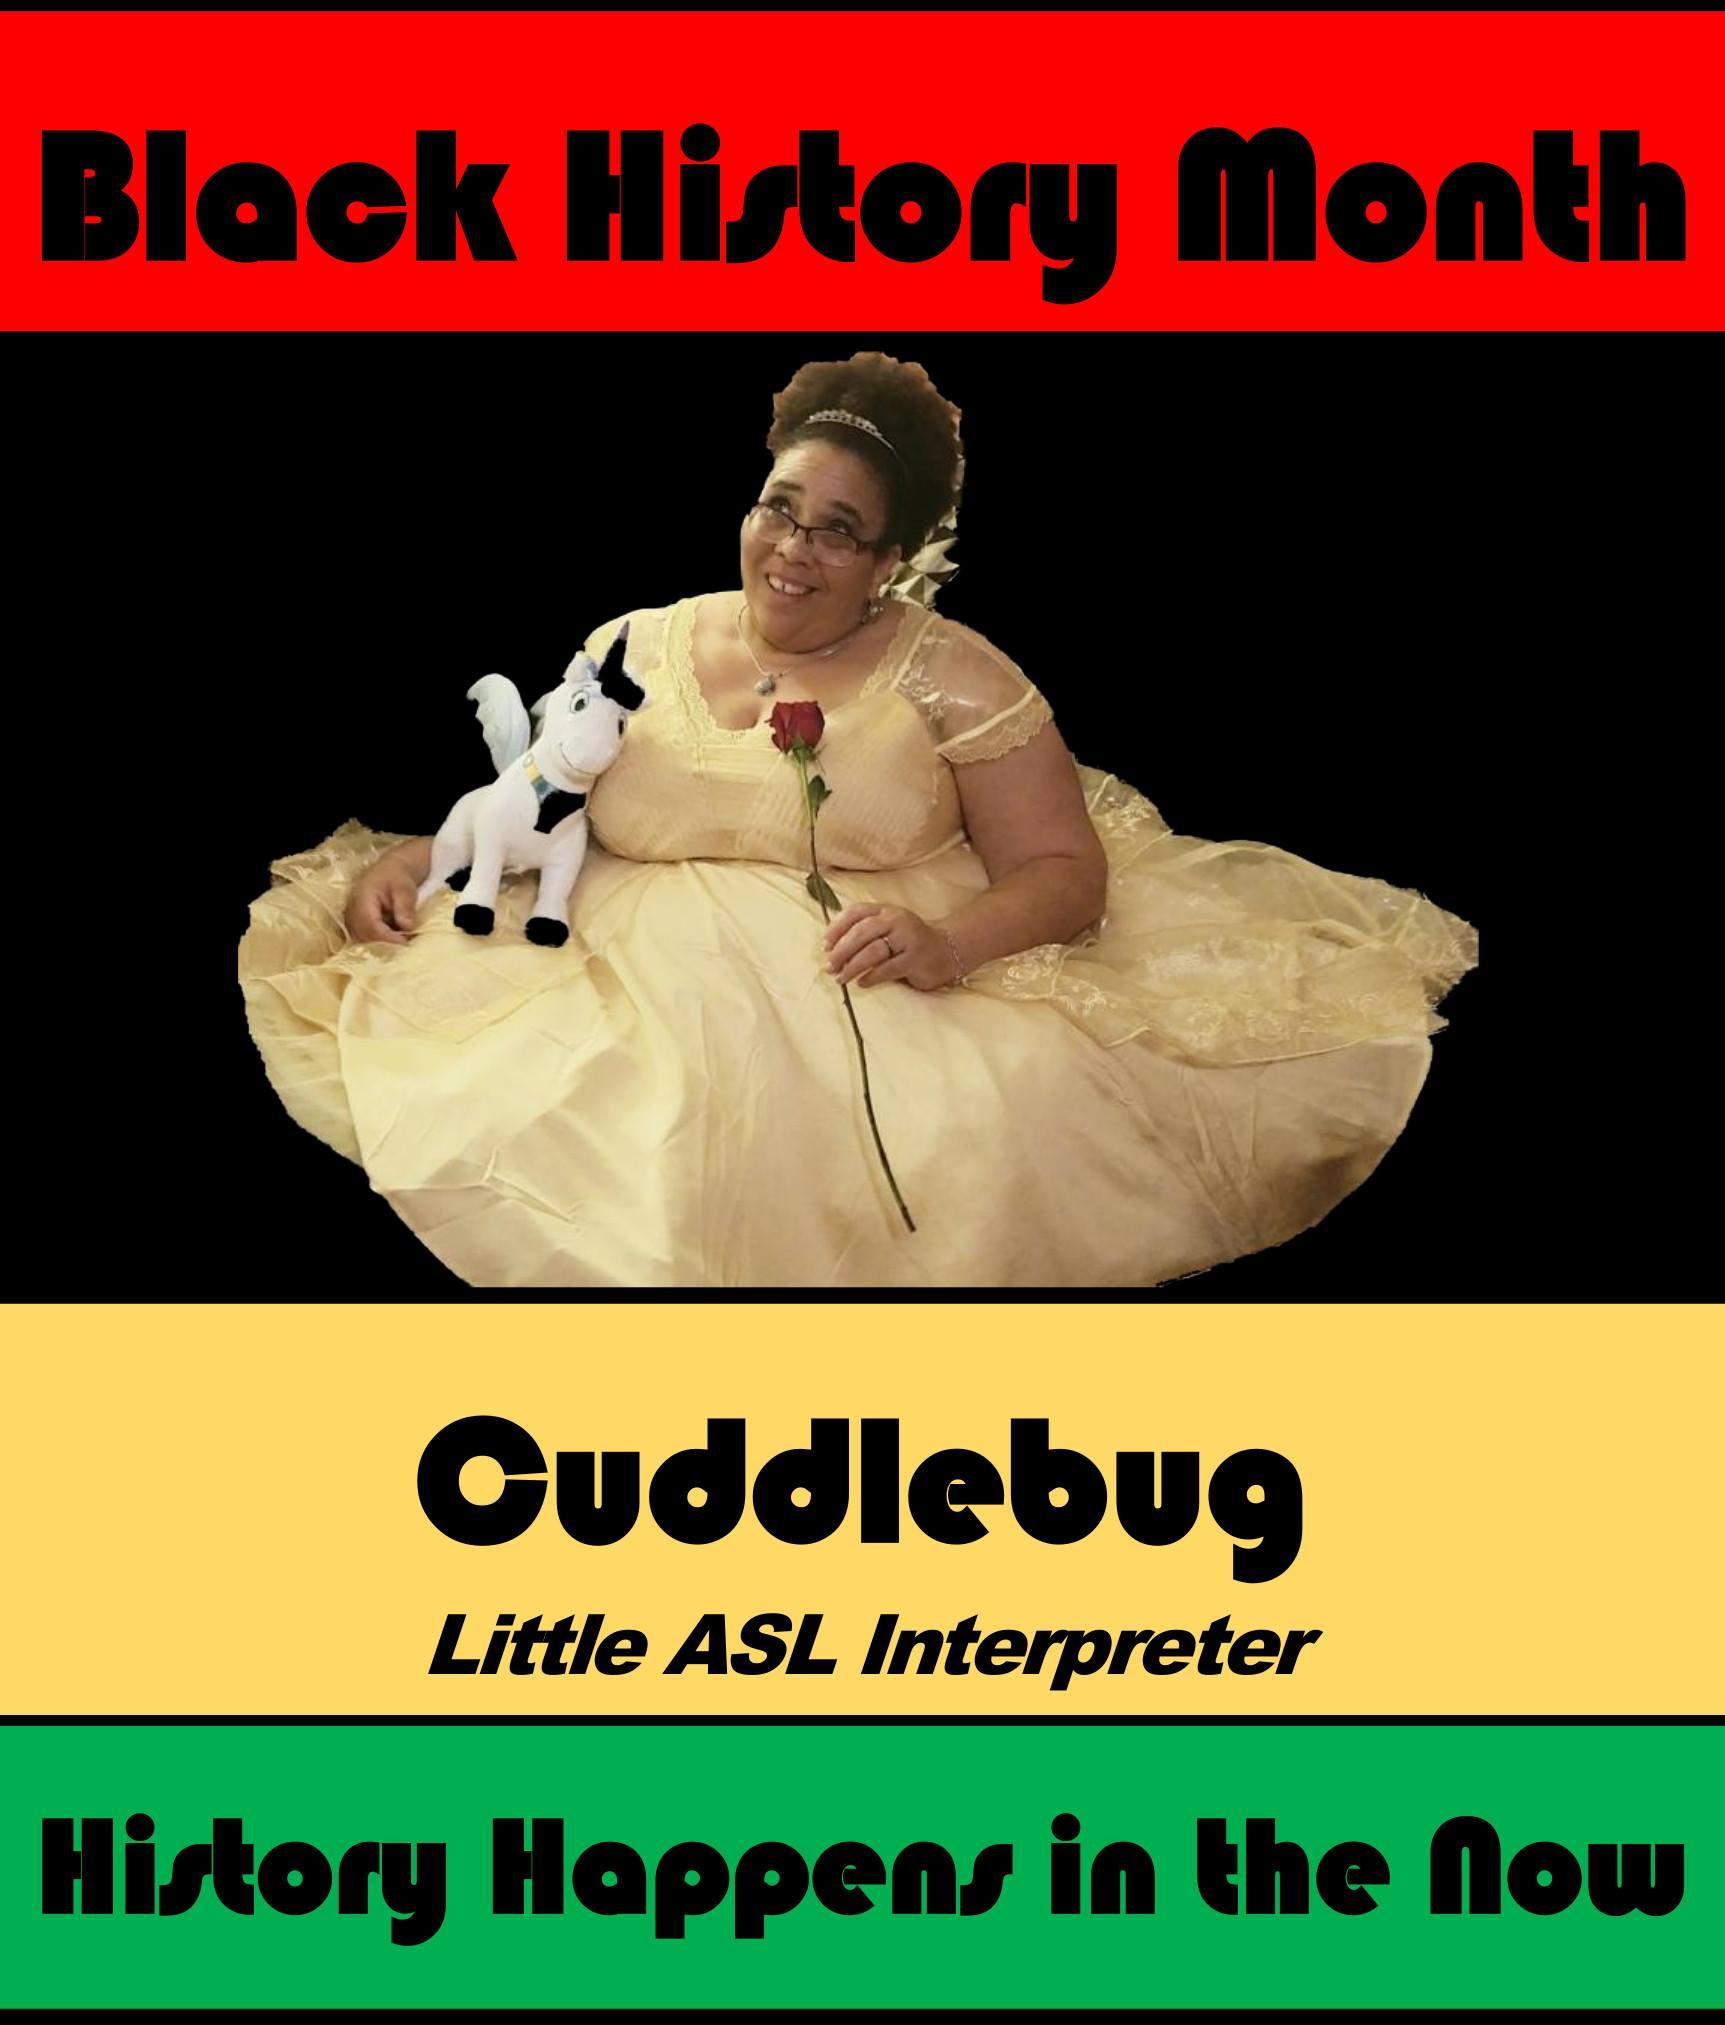 Cuddlebug #POCKLEBlackHistoryMonth